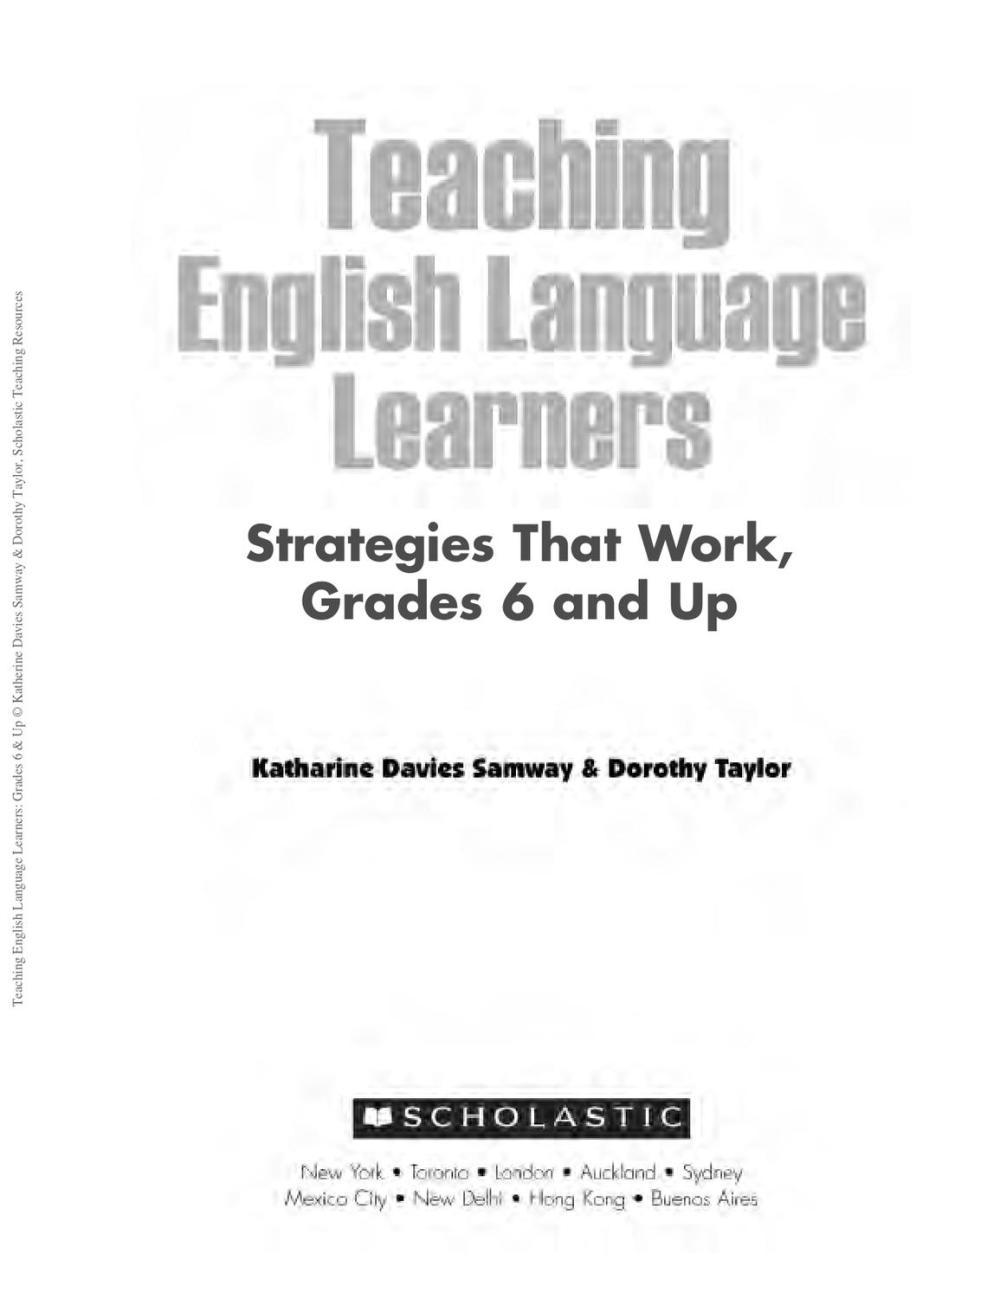 medium resolution of Teaching ESL Learners - Strategies - Gr 6 \u0026 up by ESOL Club - issuu